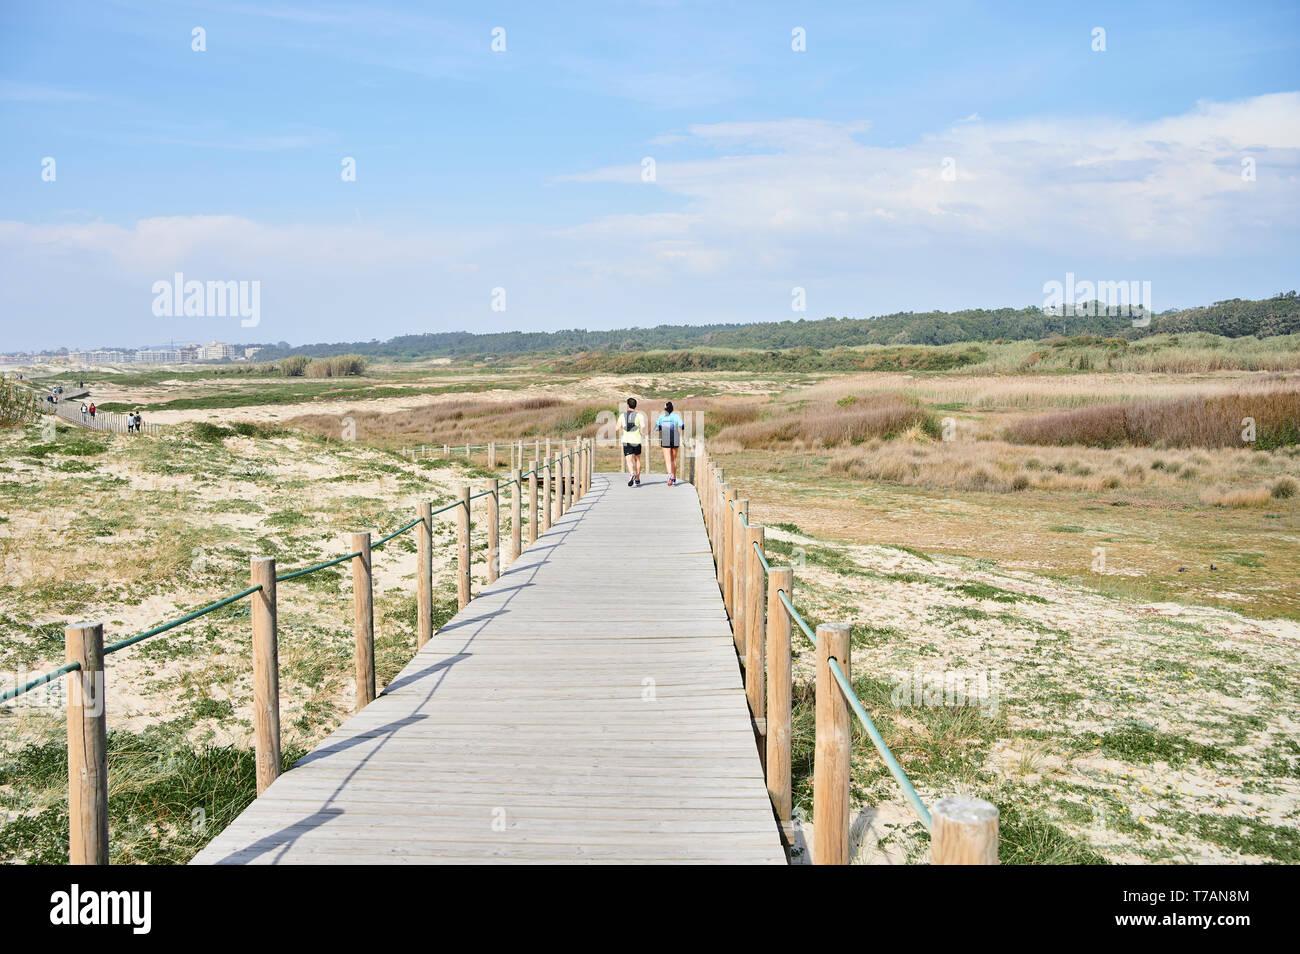 Paar auf Holz- zu Fuss über die Dünen in Portugal, in der Nähe des Strandes runing Stockfoto